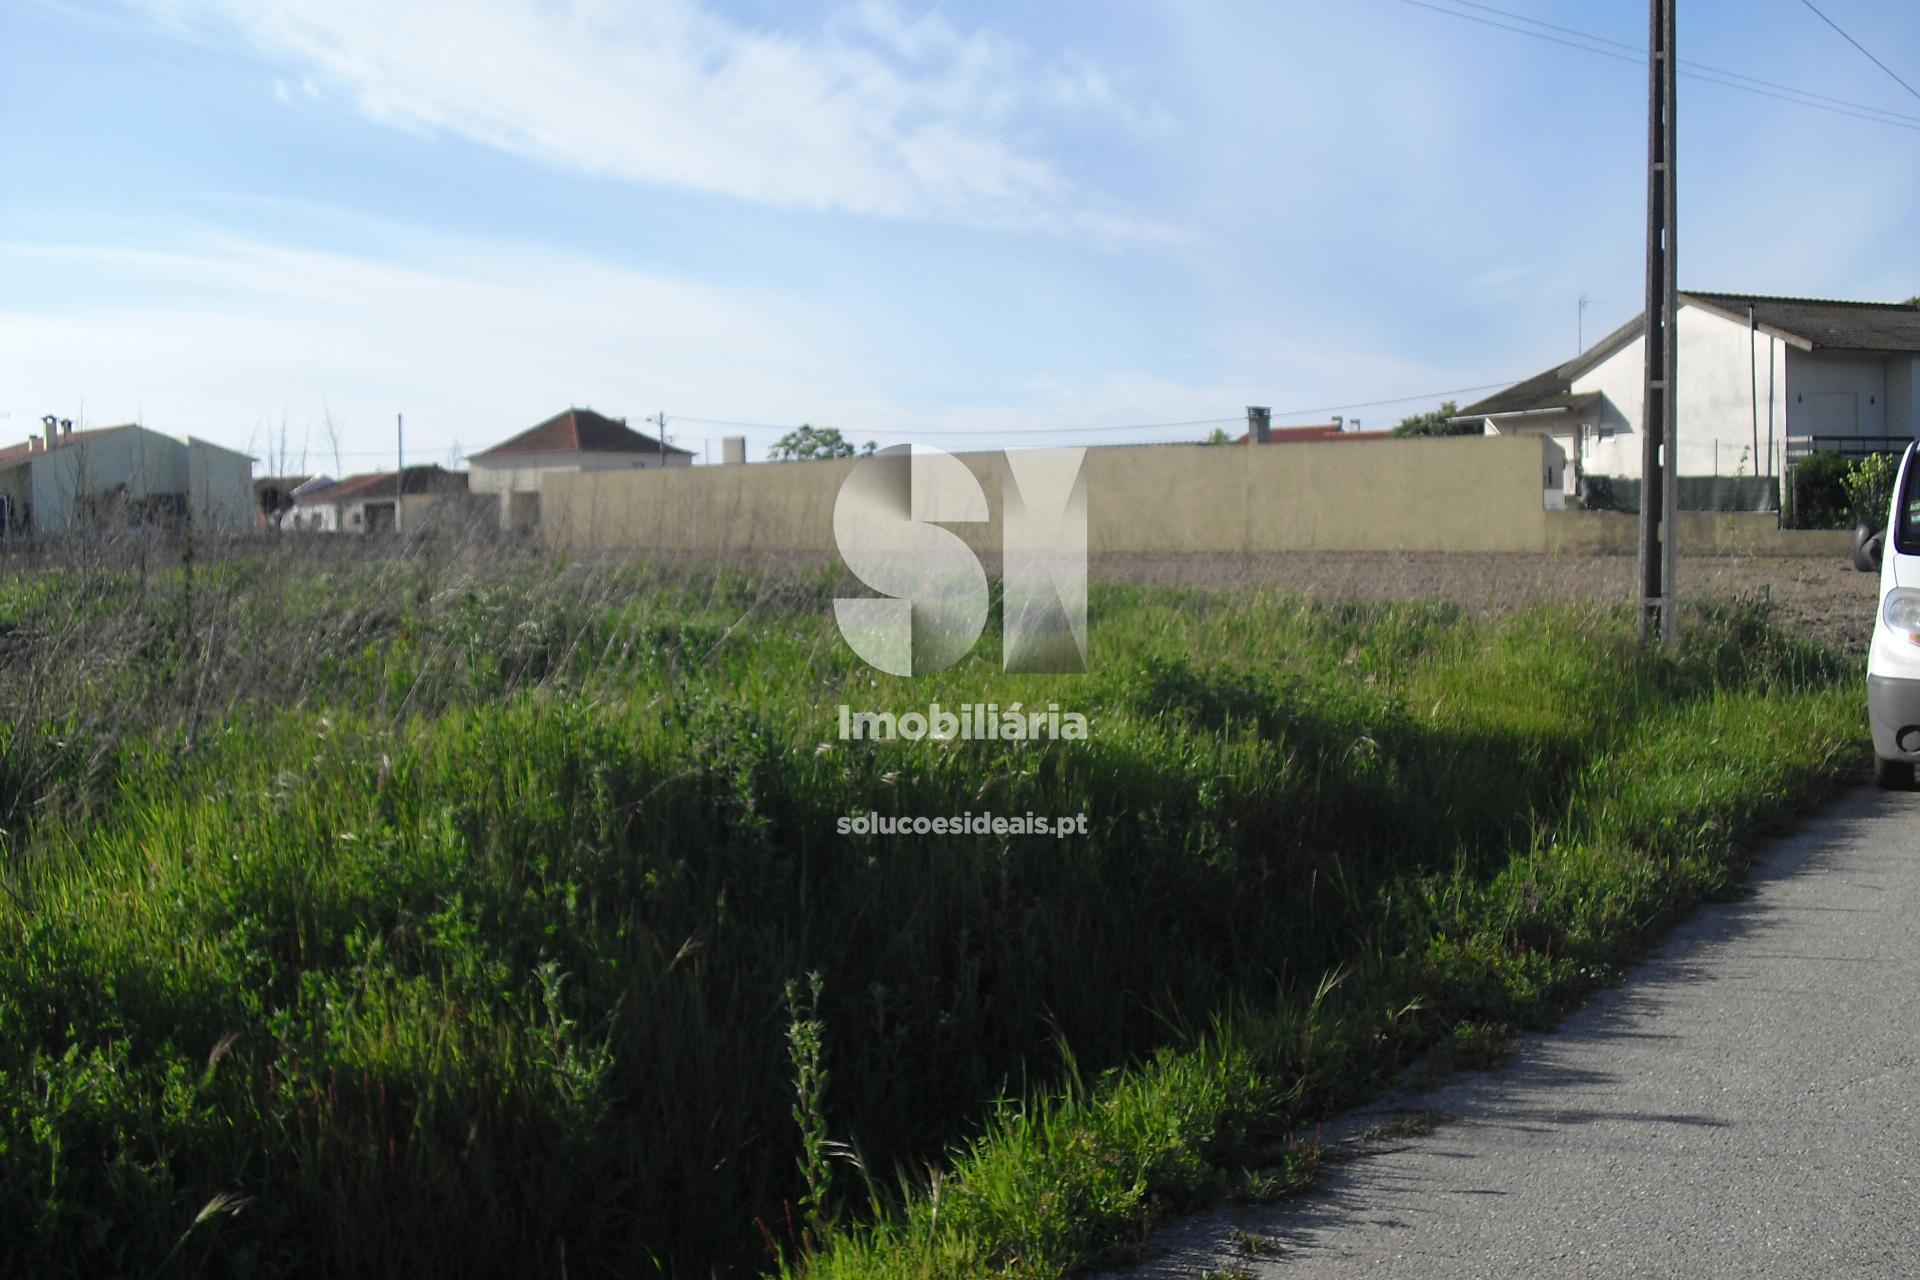 terreno para compra em figueira da foz paiao paiao FIGCF2524